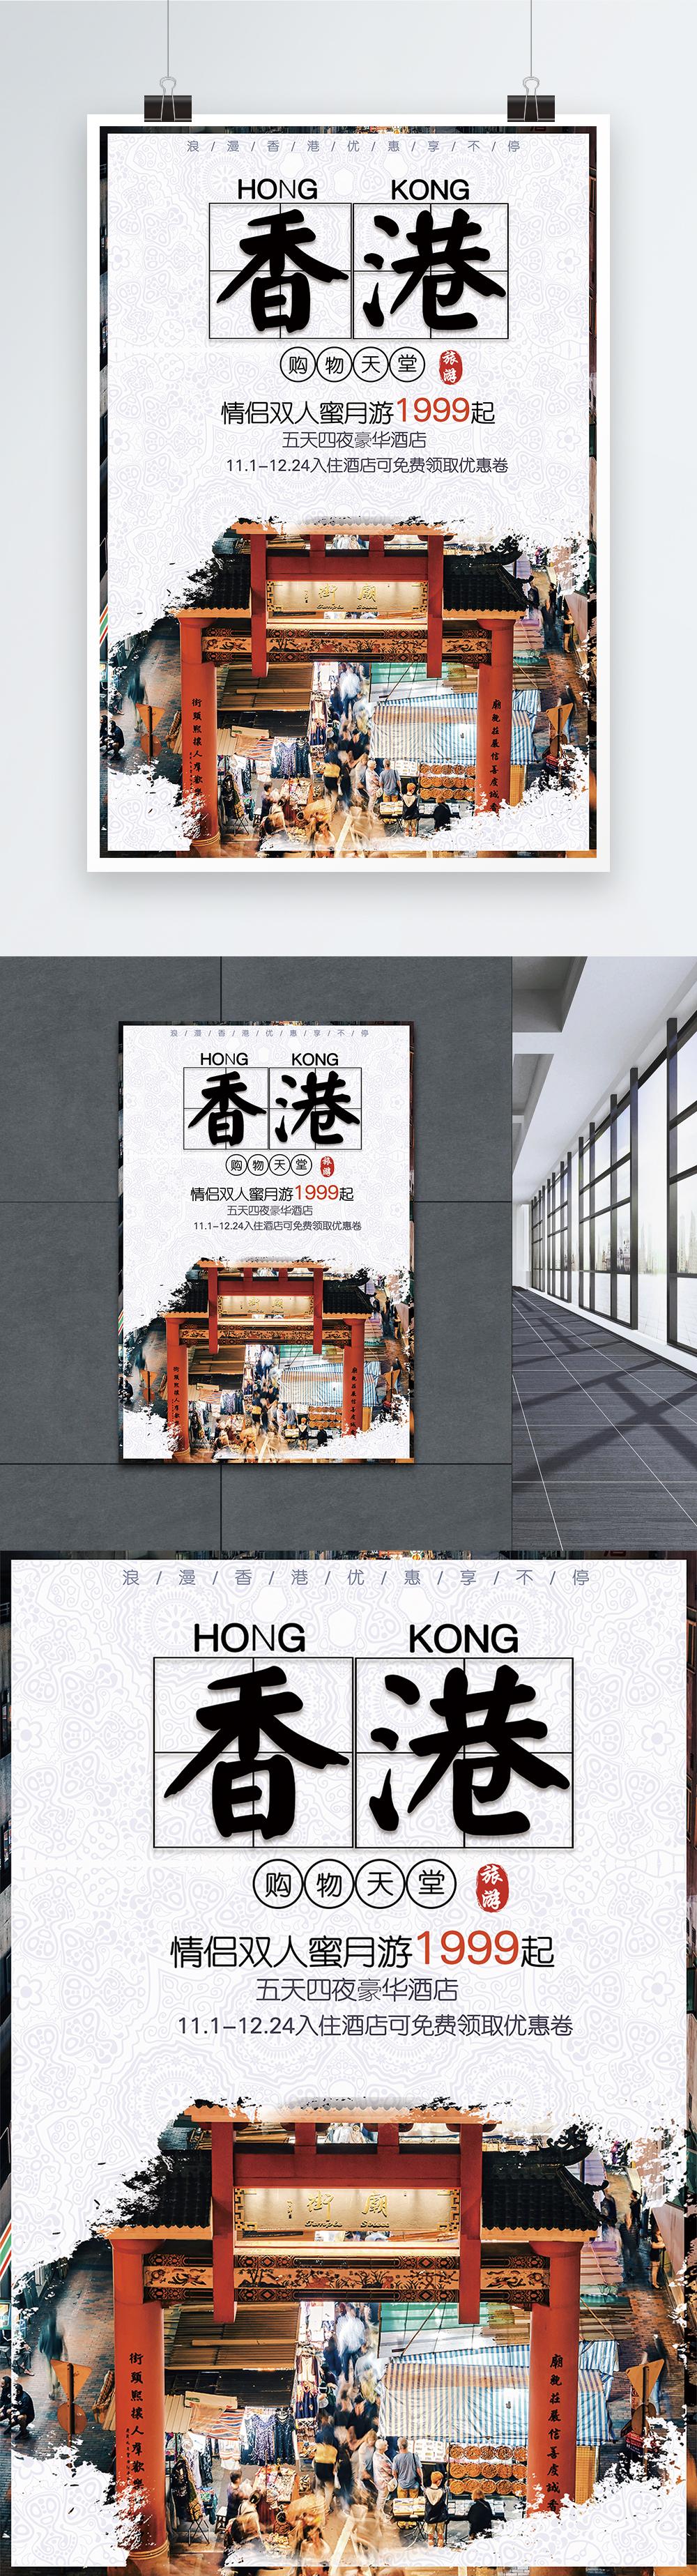 香港旅游海报图片素材编号400191913_prf高清图片免费